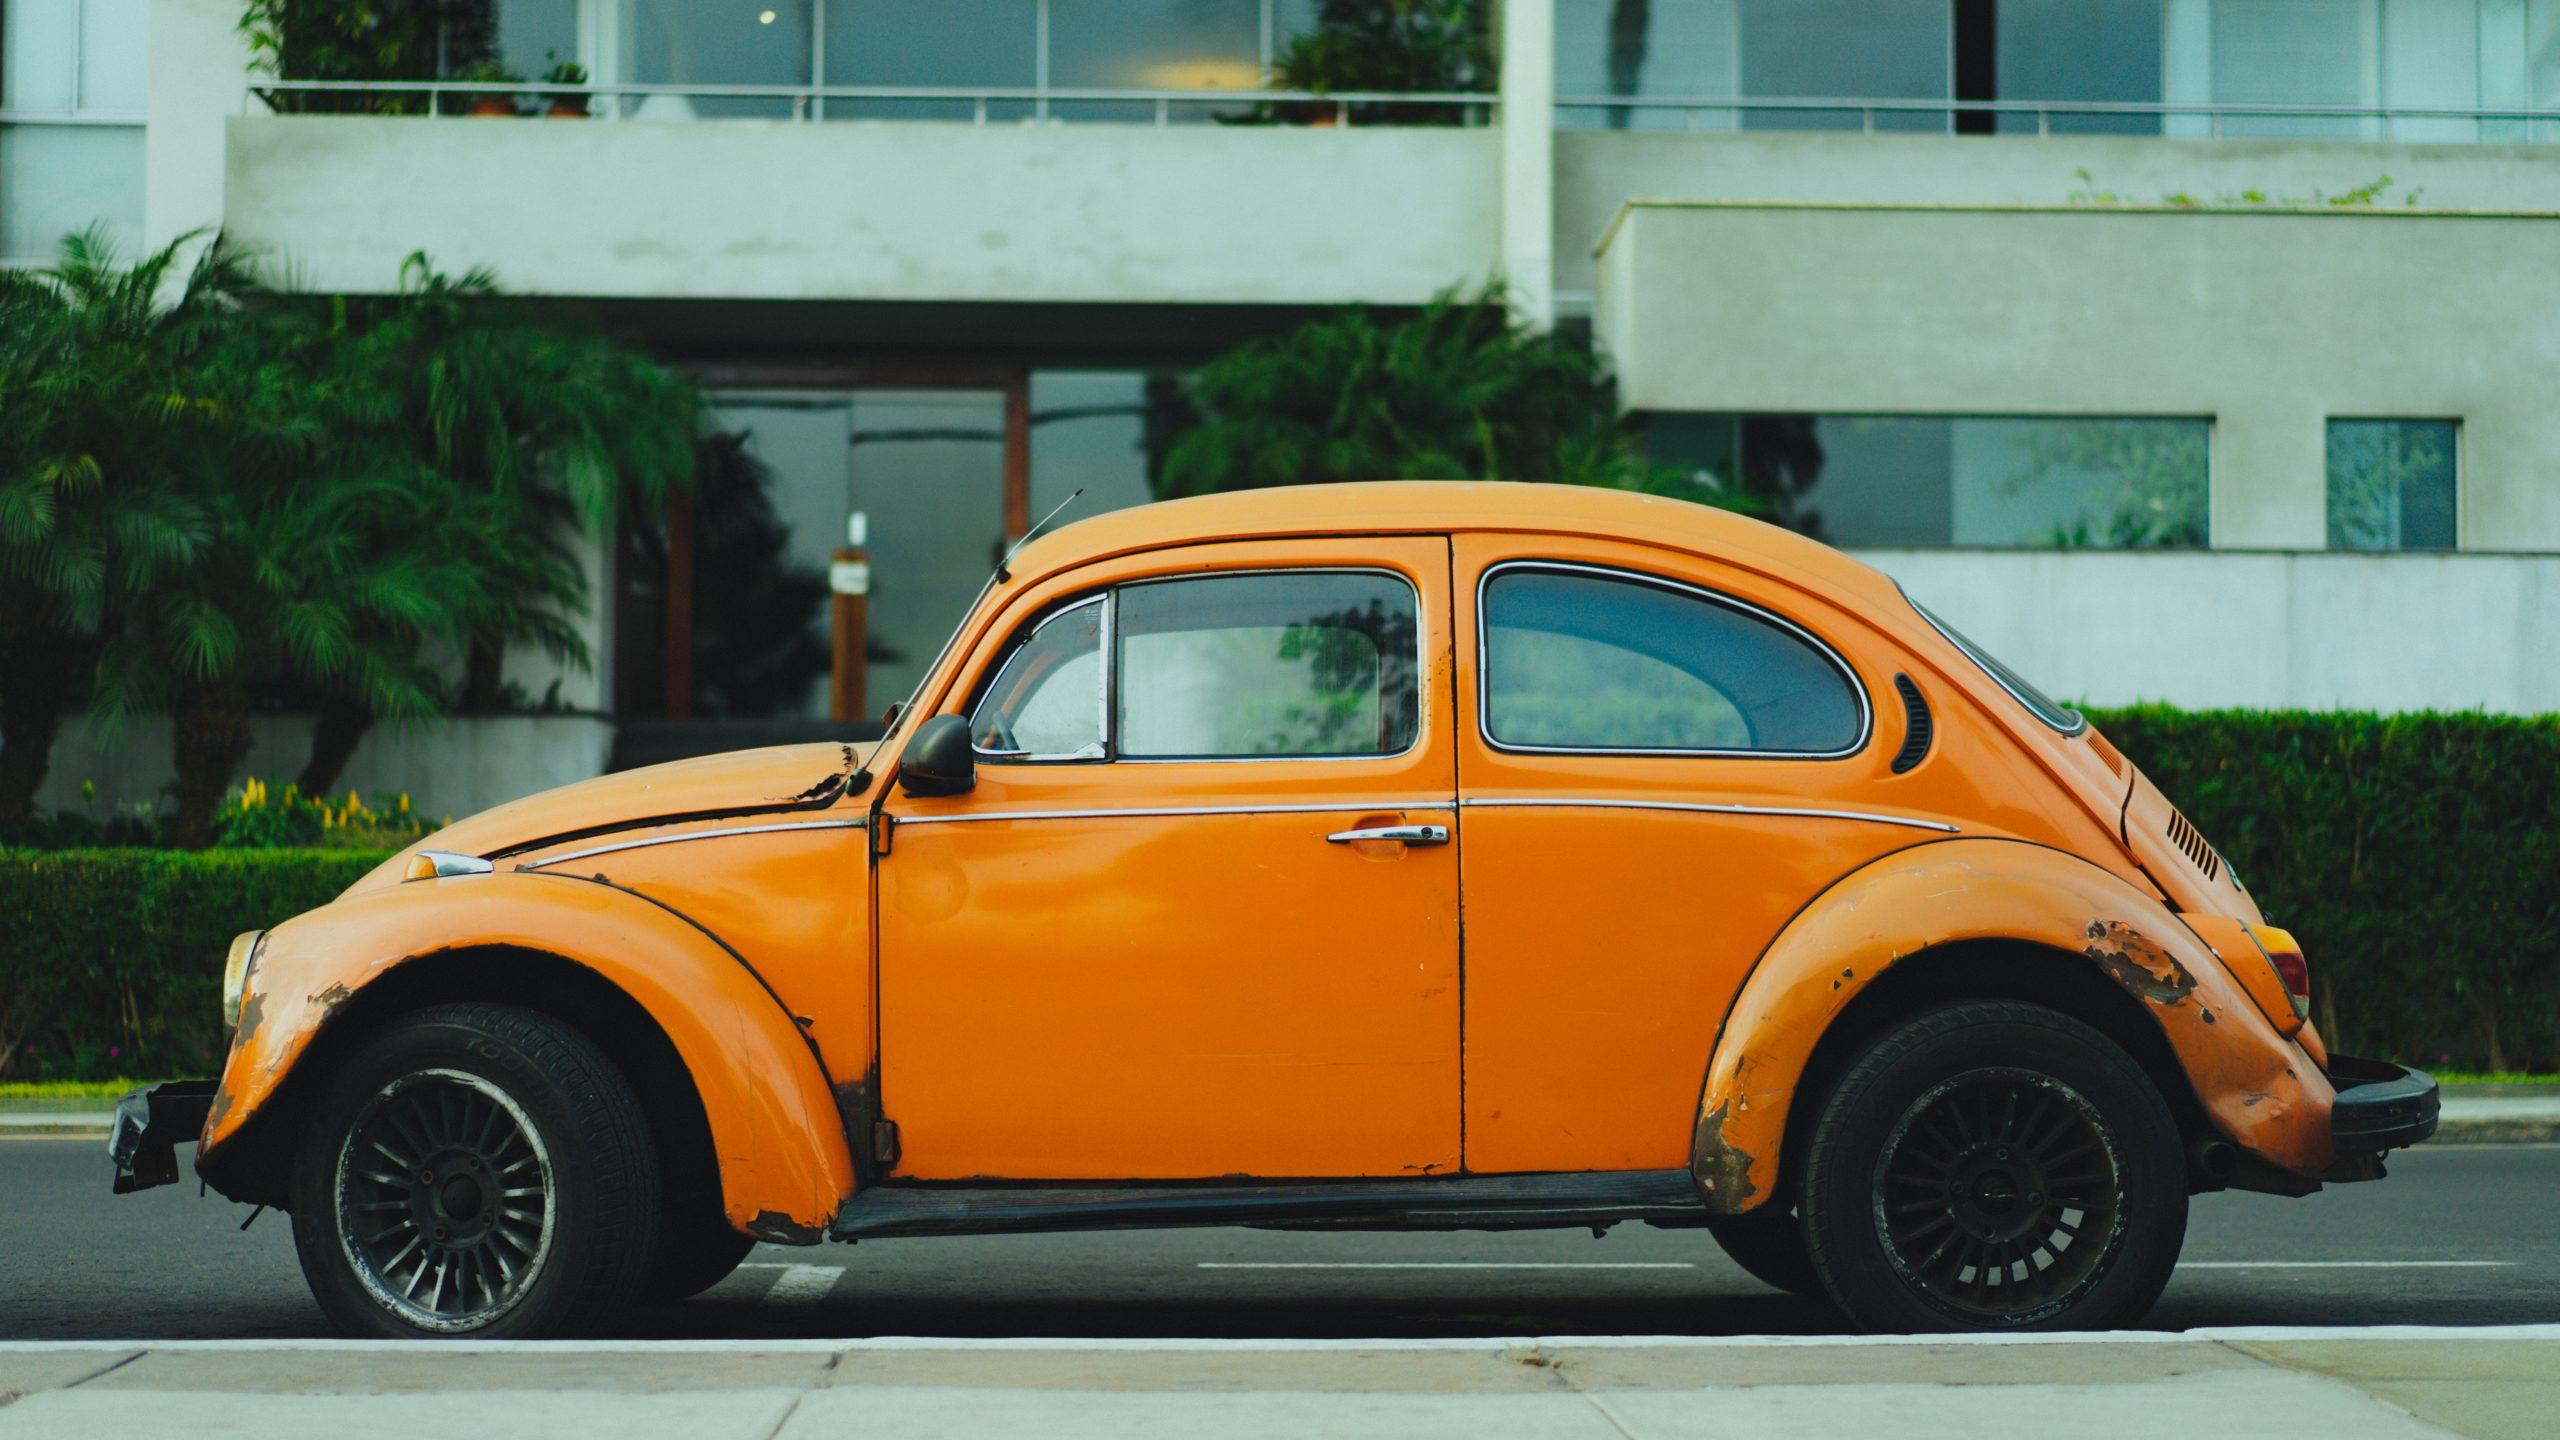 Få bedre råd til bil - køb en brugt bil